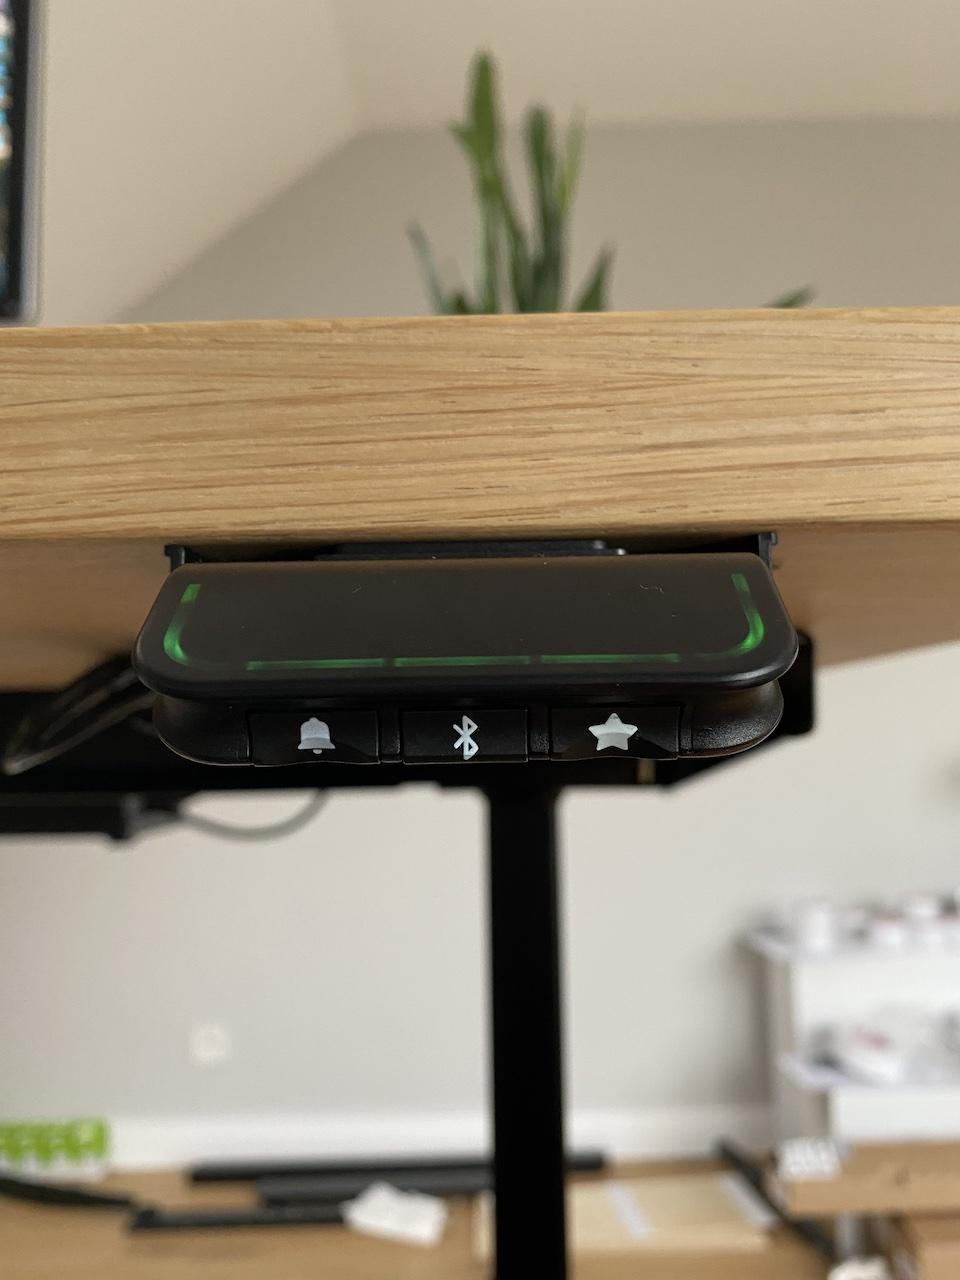 OAKDESK - biurko regulowane elektrycznie z blatem dąb naturalna krawędź premium 32